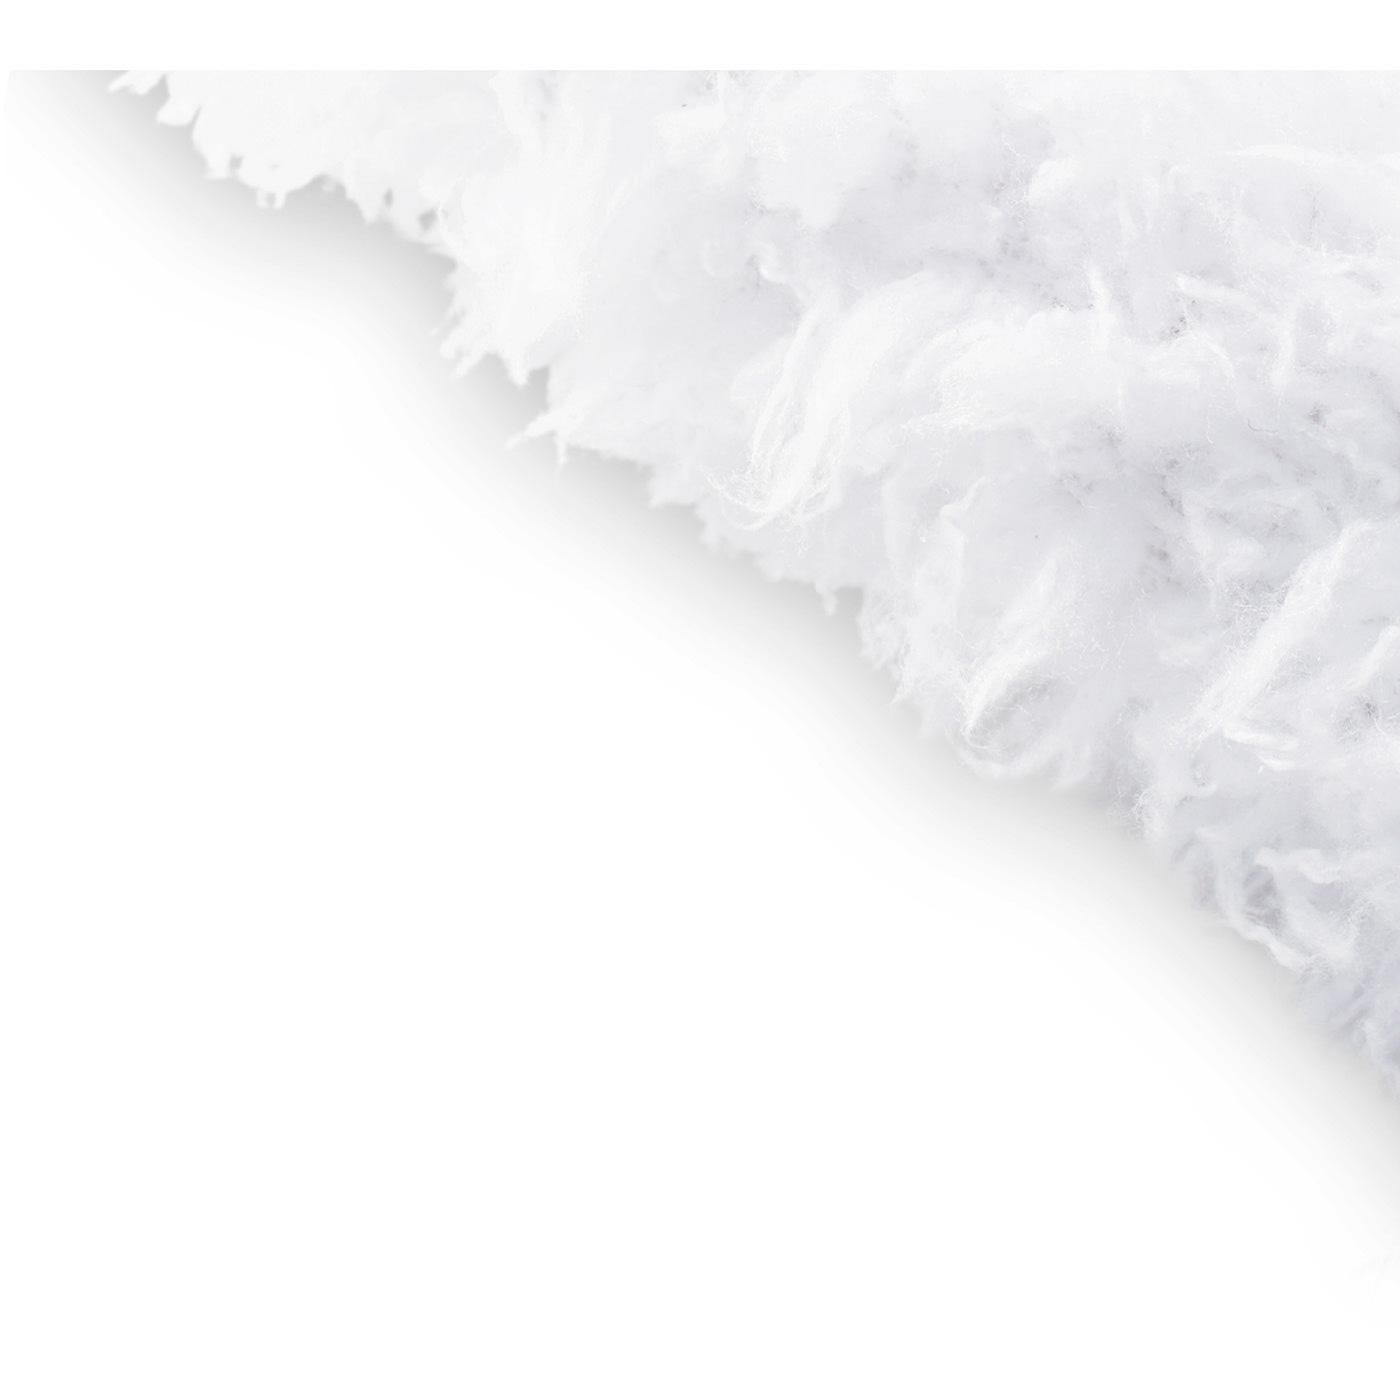 表側はもふもふの冬毛をイメージした吸水素材。